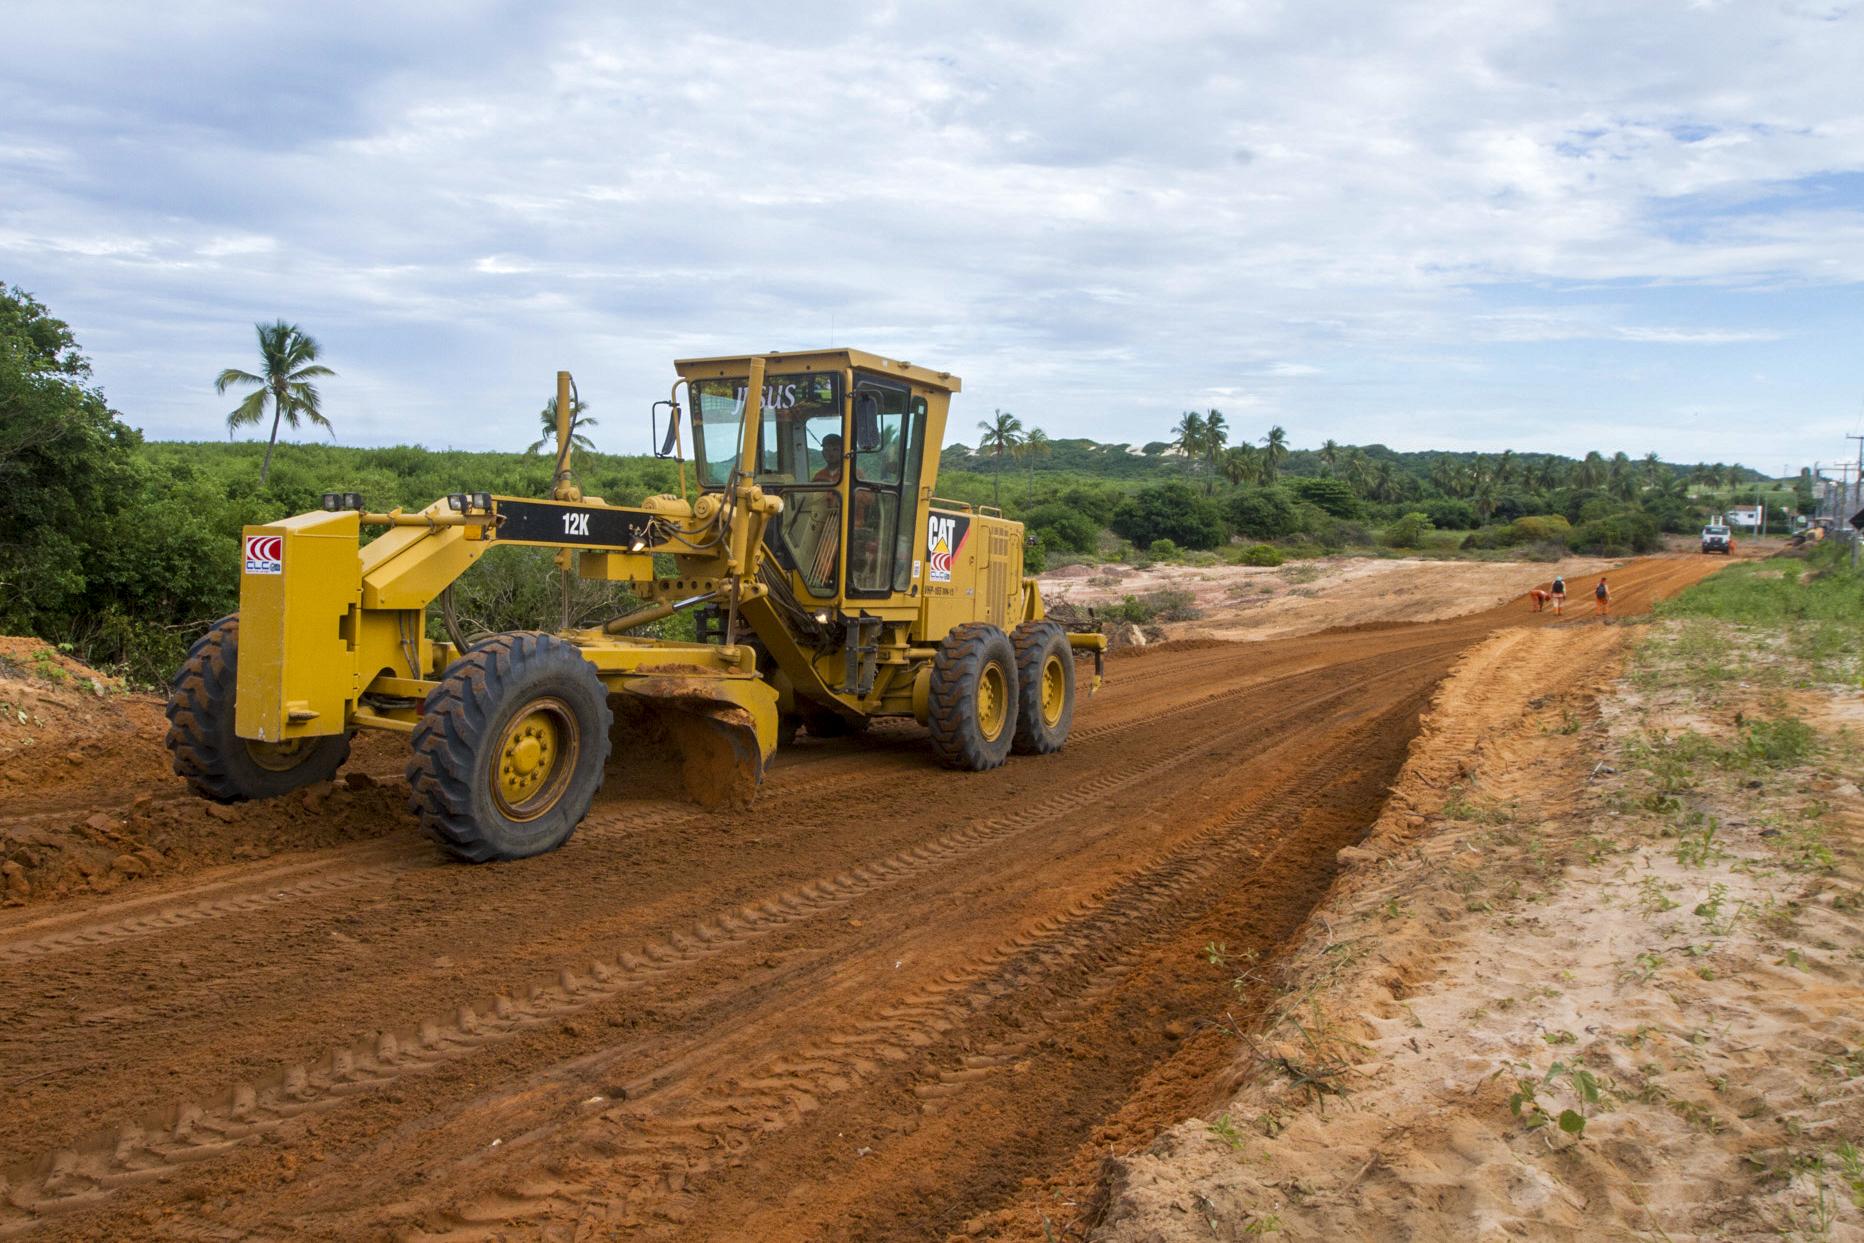 Obras de duplicação da Rodovia do Porto das Dunas (CE-025) são iniciadas